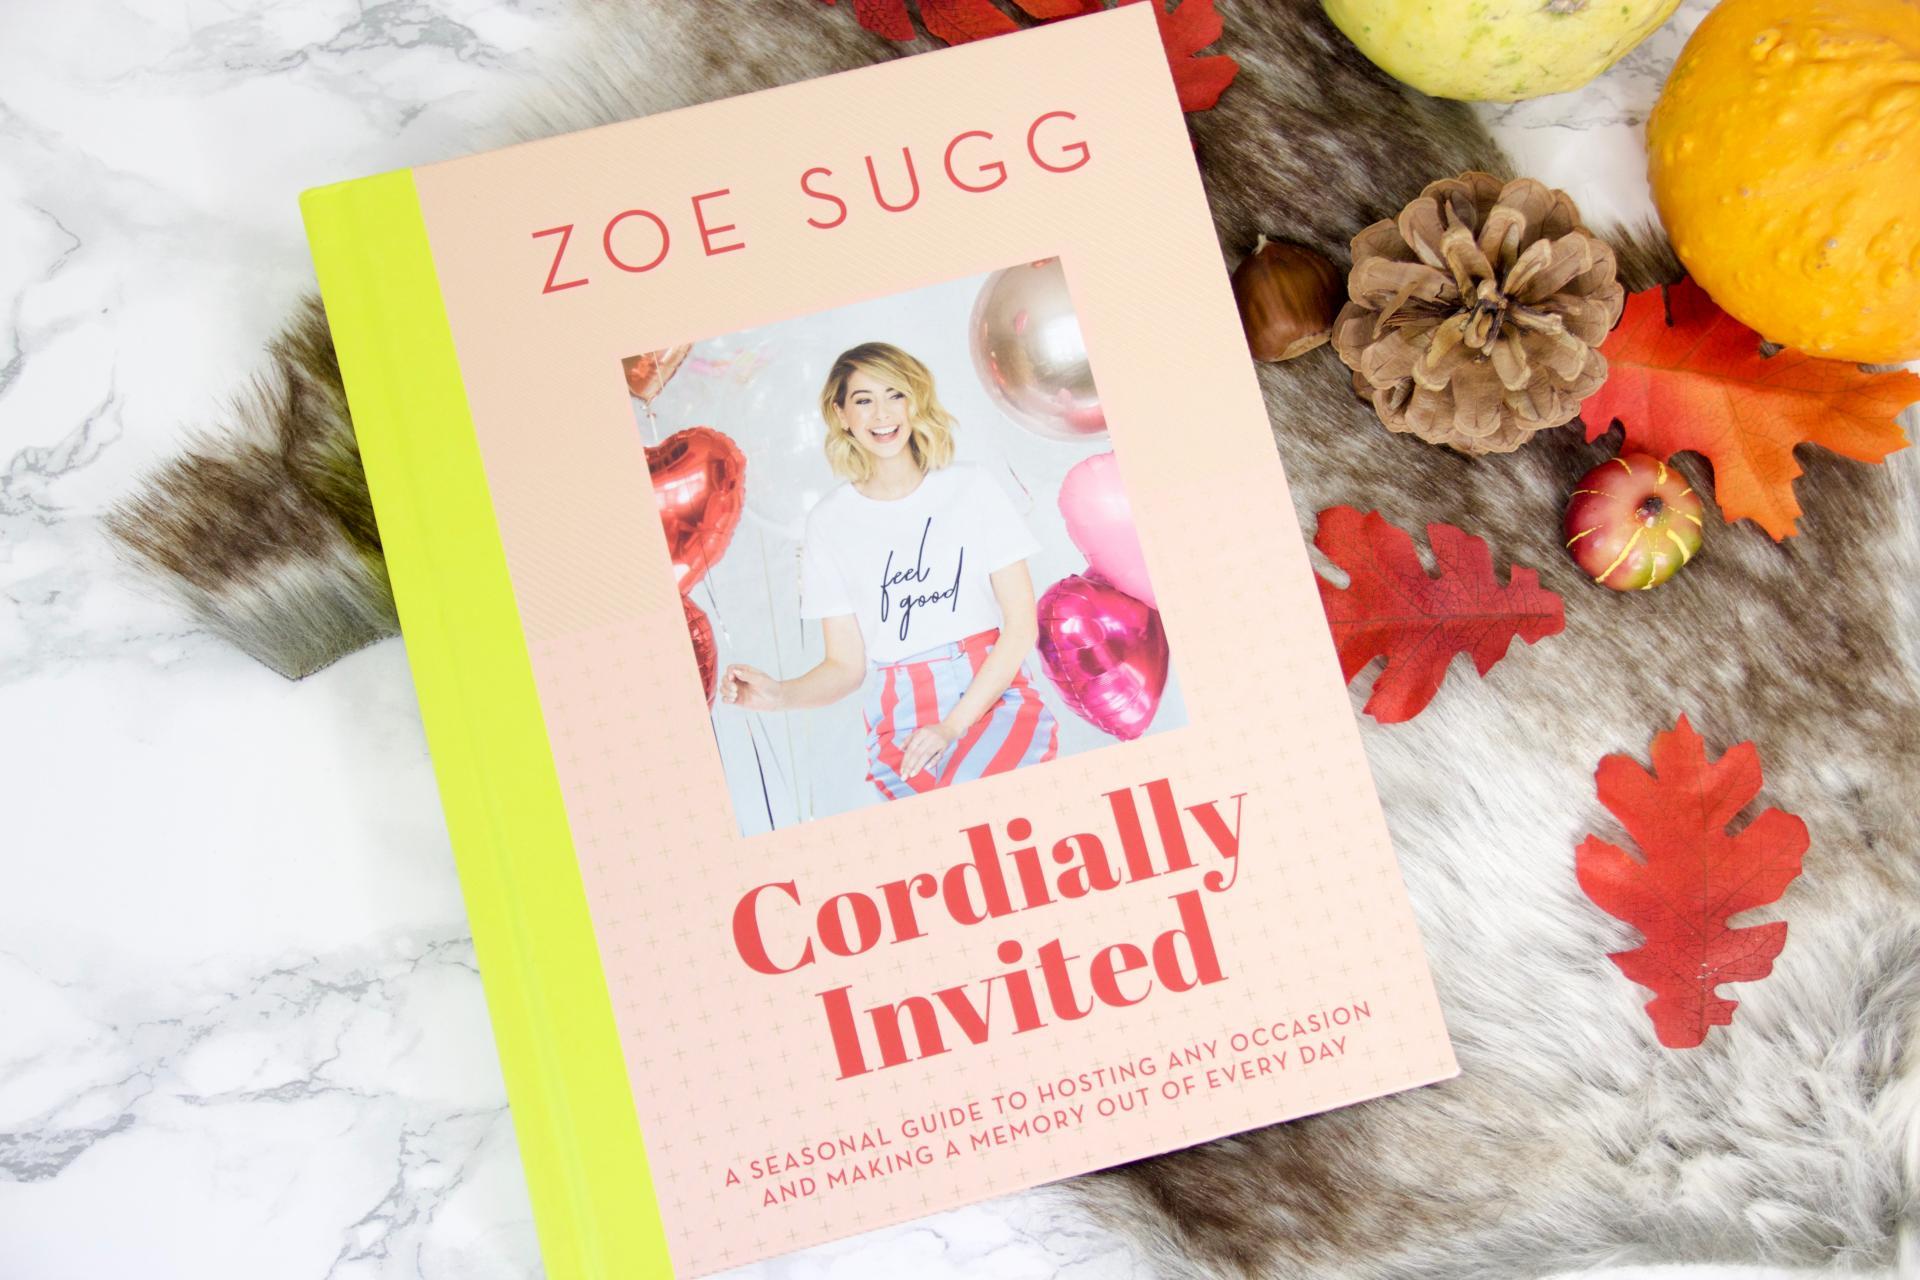 Cordially Invited Zoe Sugg